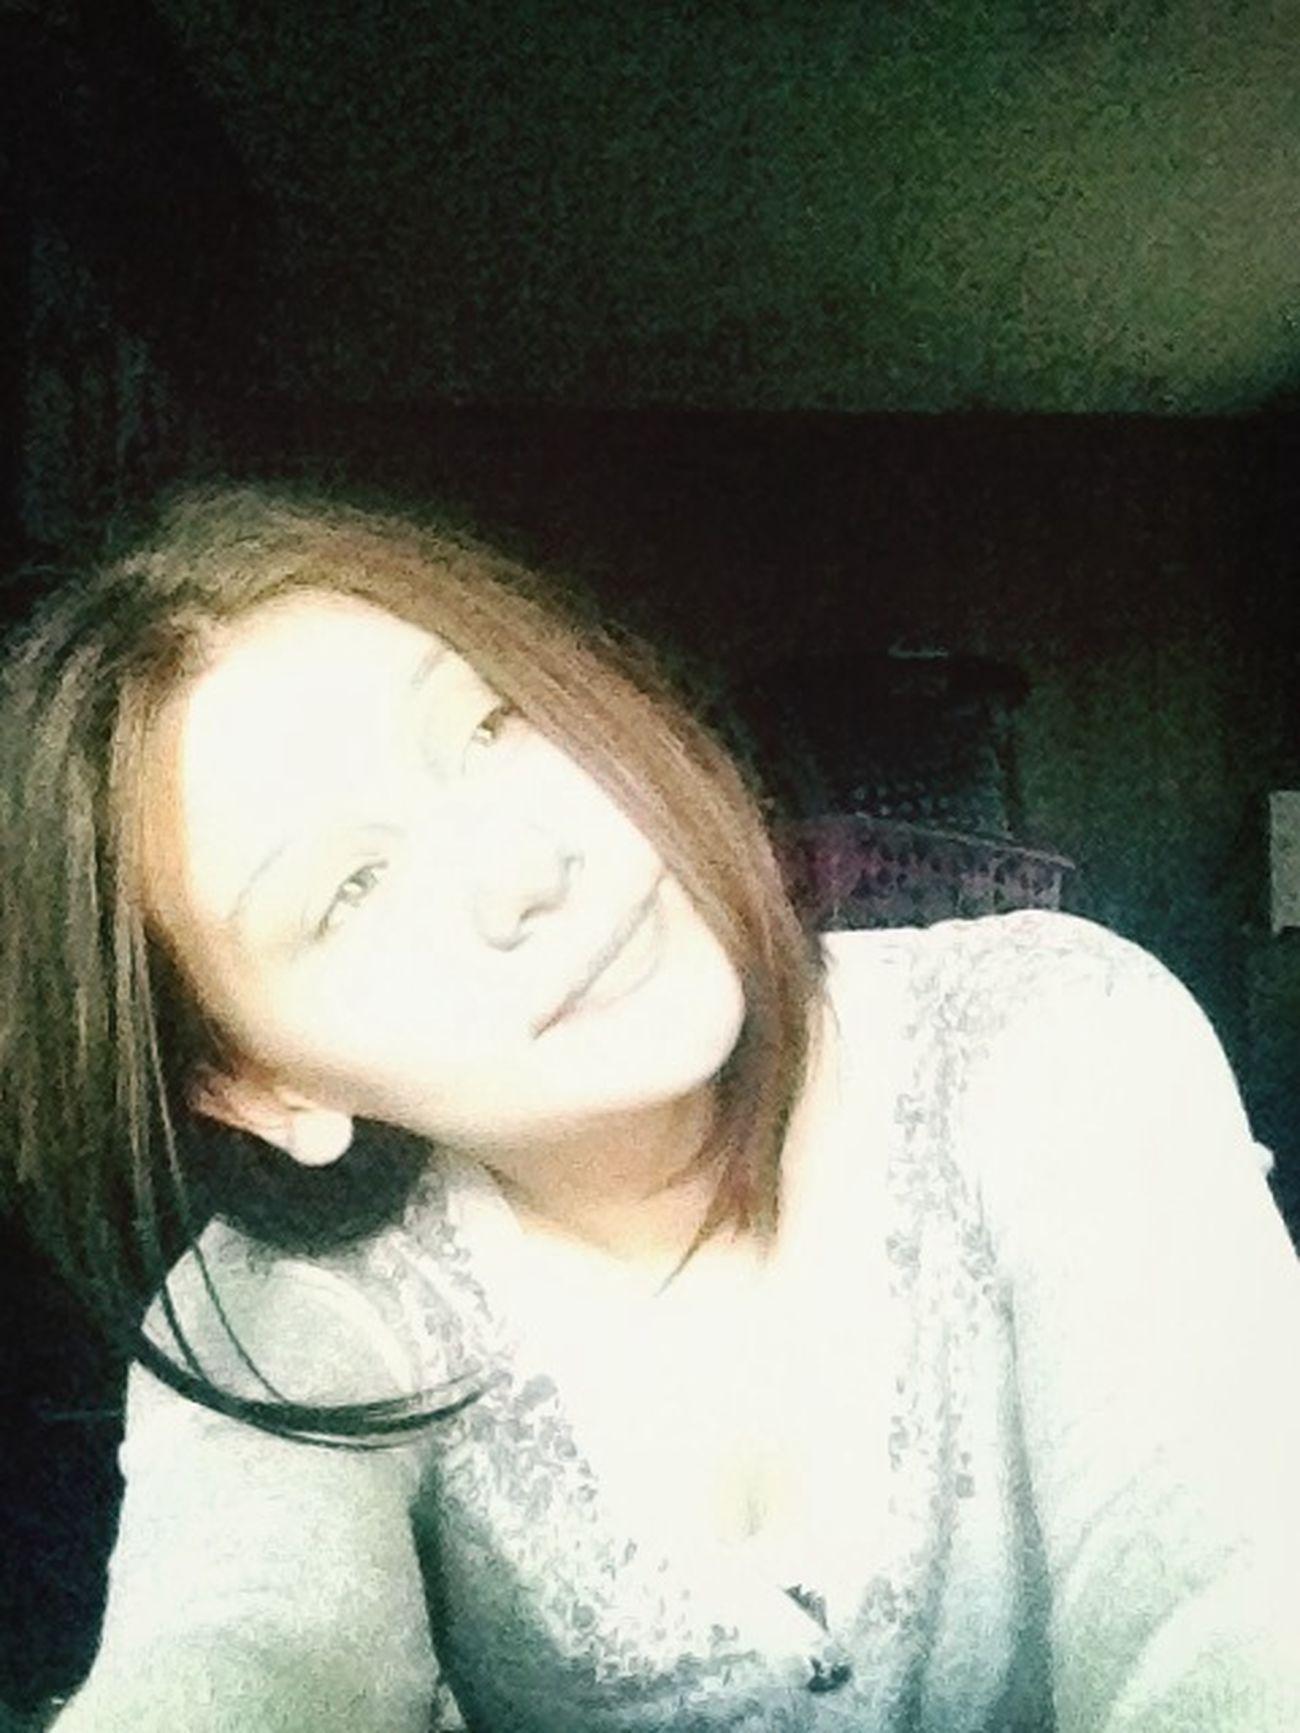 Messy Room Dont Care Justin Bieber ♥ Justin Drew Bieber❤ Belieber ♡